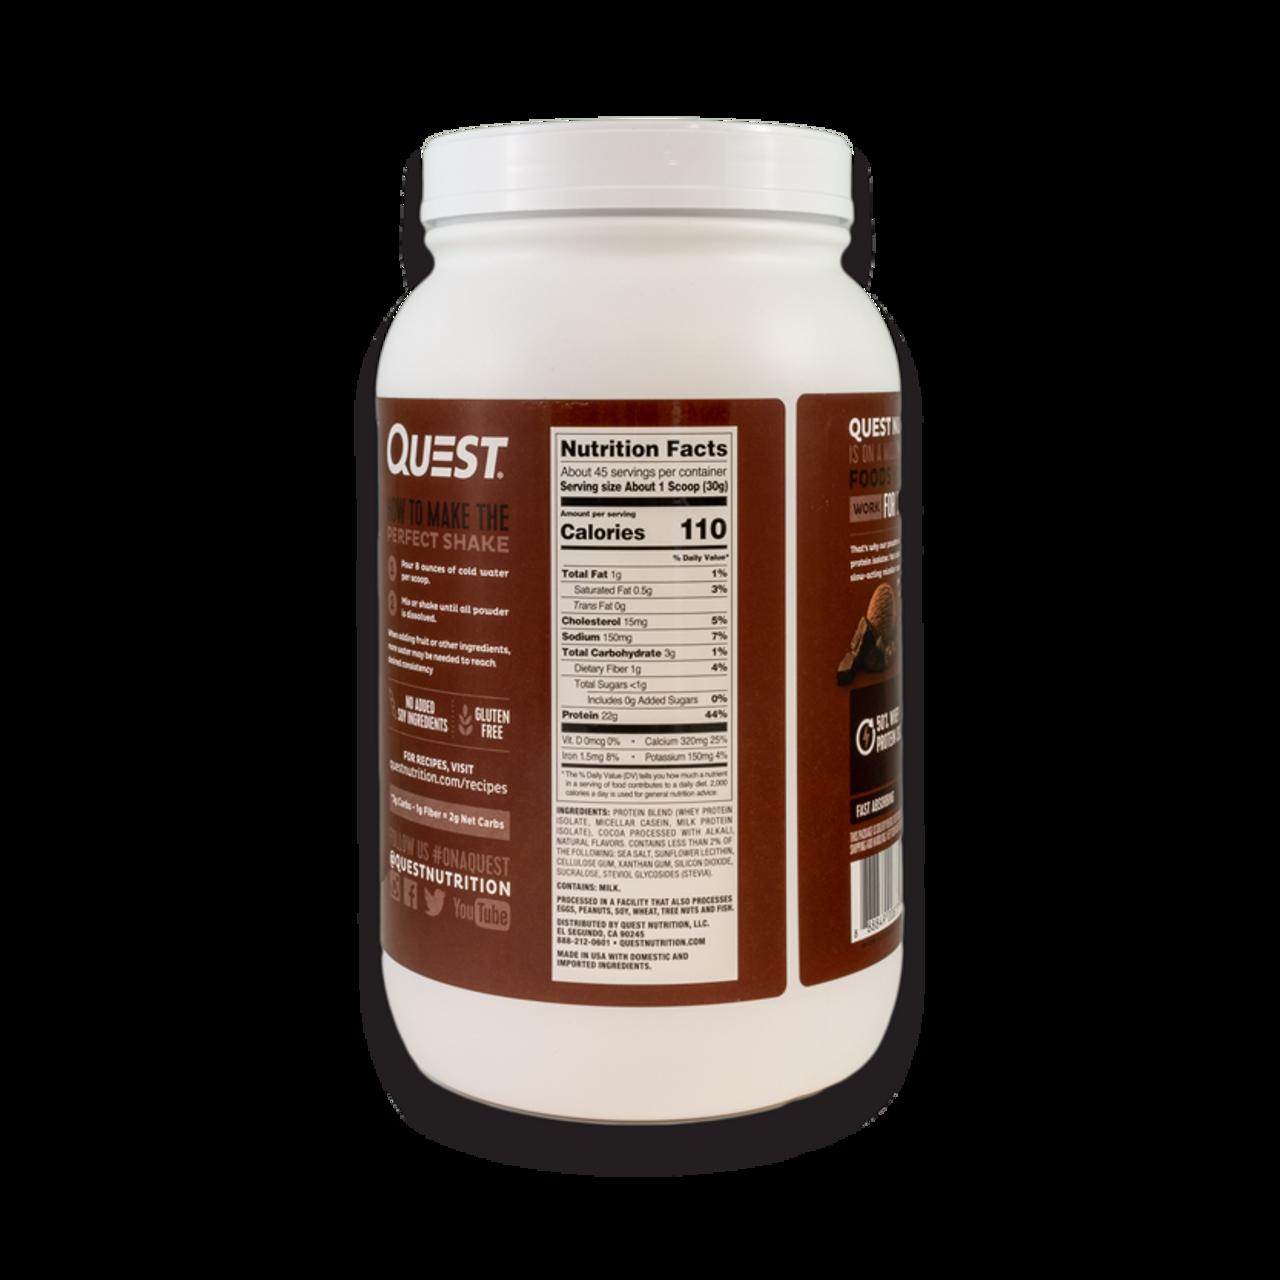 Quest Protein Powder